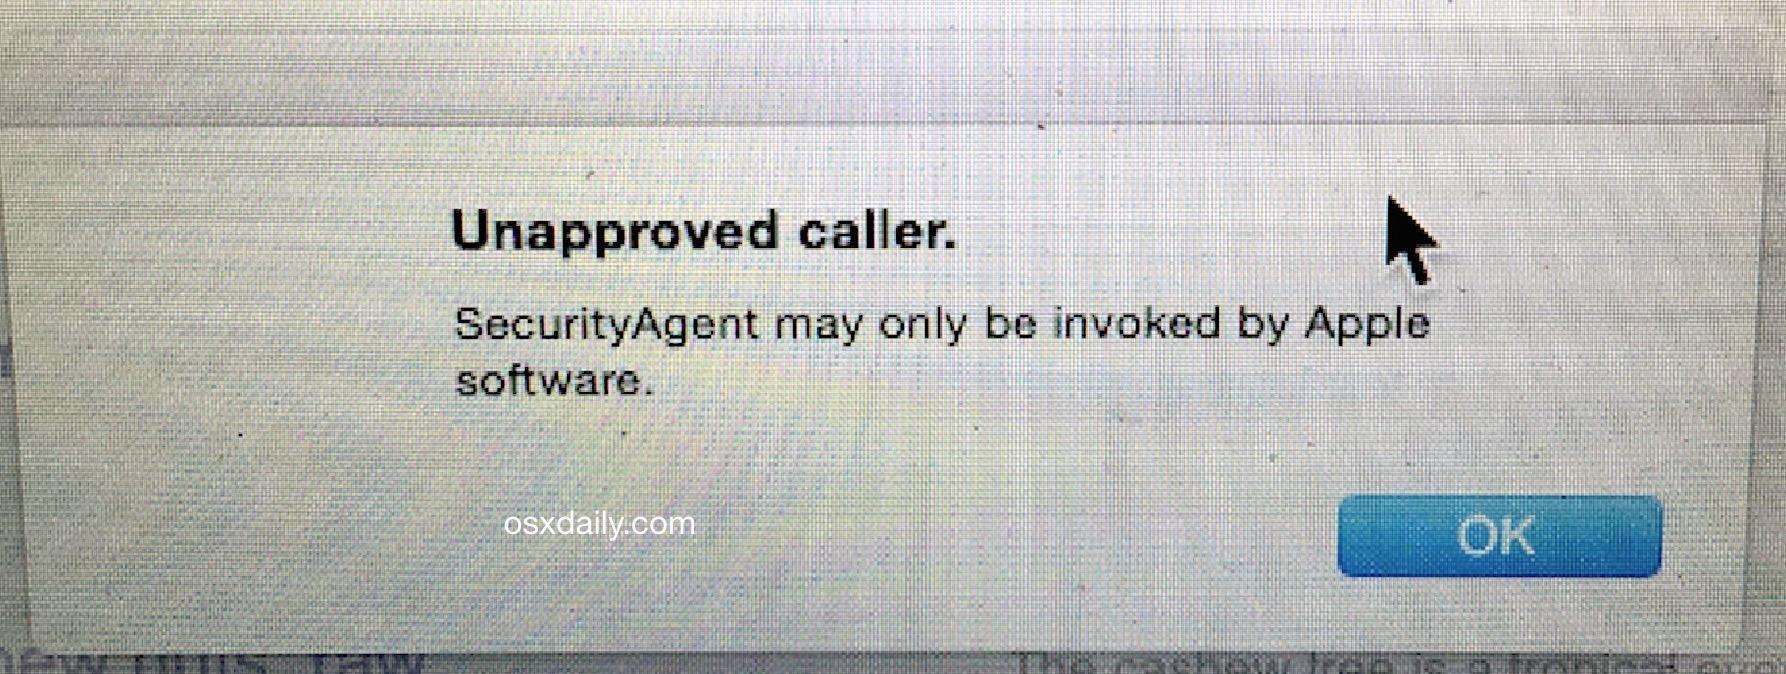 mensaje-agente-de-seguridad-de-llamadas-no-aprobadas-mac-os-x